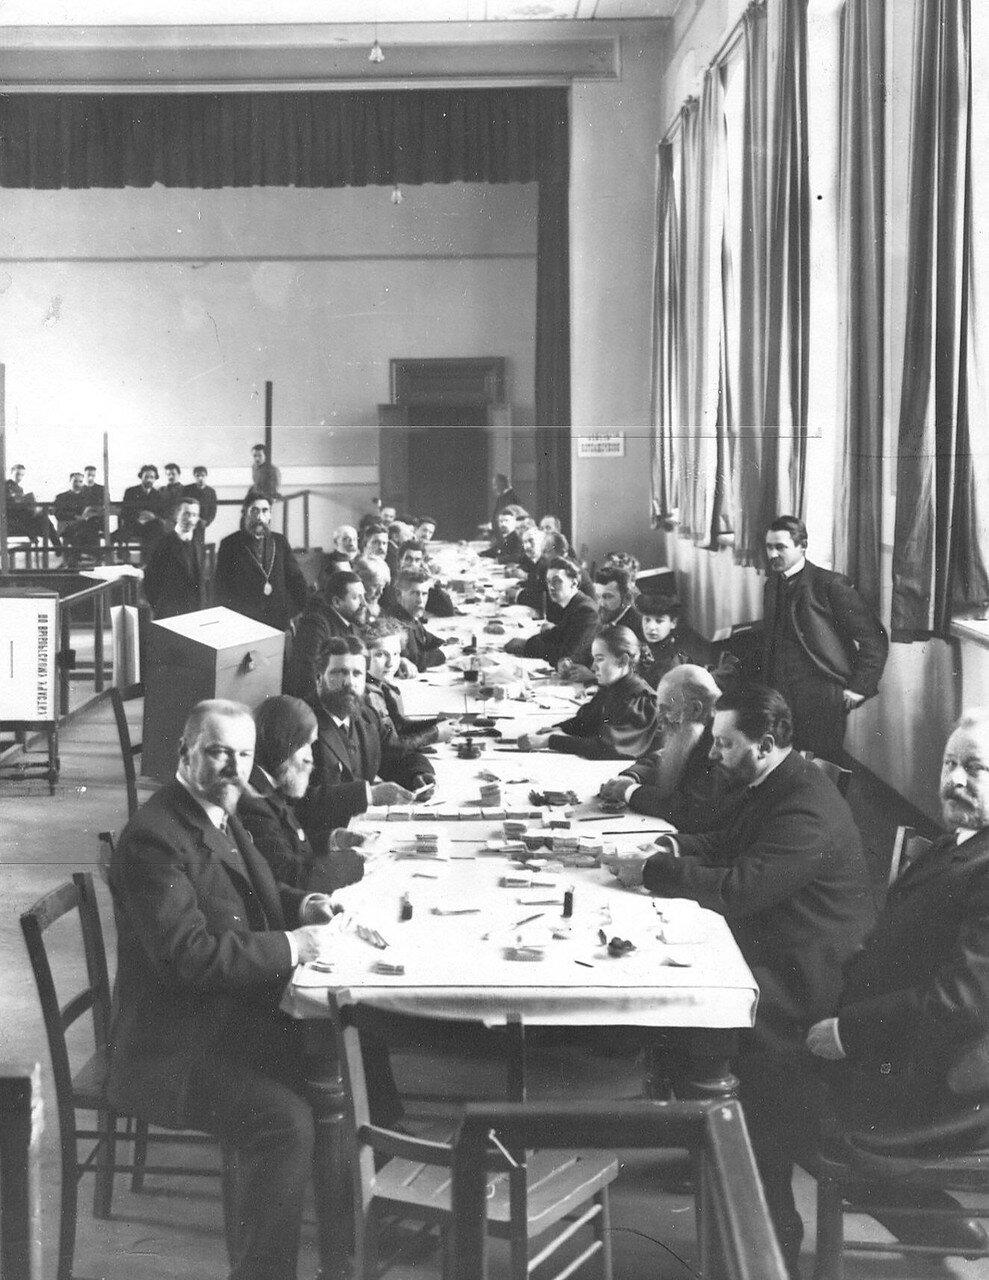 20 марта 1906. Подсчет поданных голосов по окончании выборов выборщиков в Первую Государственную думу в Народном доме Л.Н.Нобеля